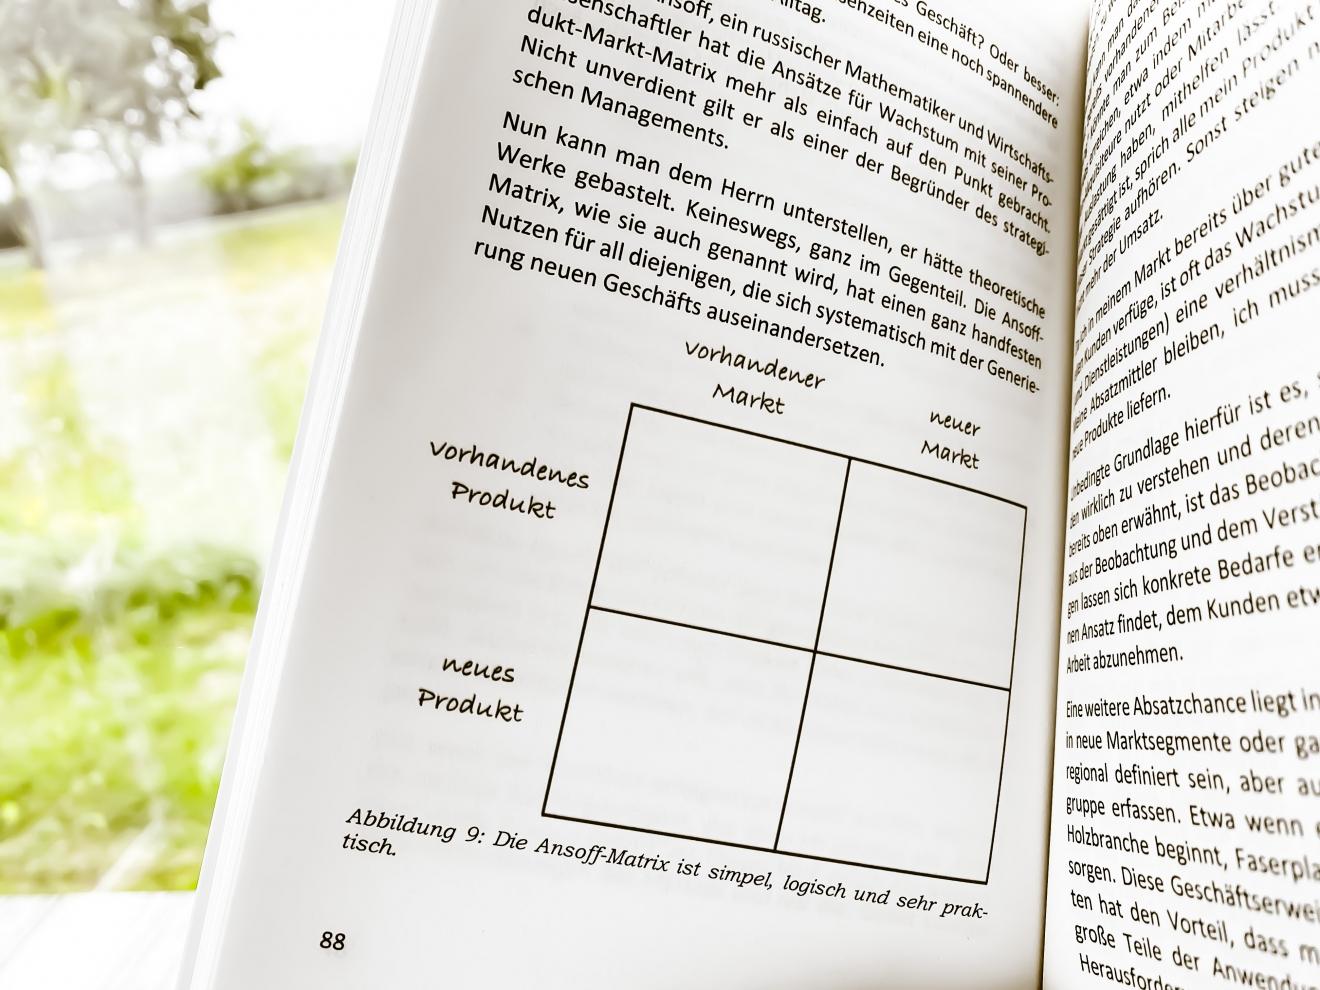 Ansoff-Matrix_Buch_Unternehmenskrisen-meistern (1-00 HZ)